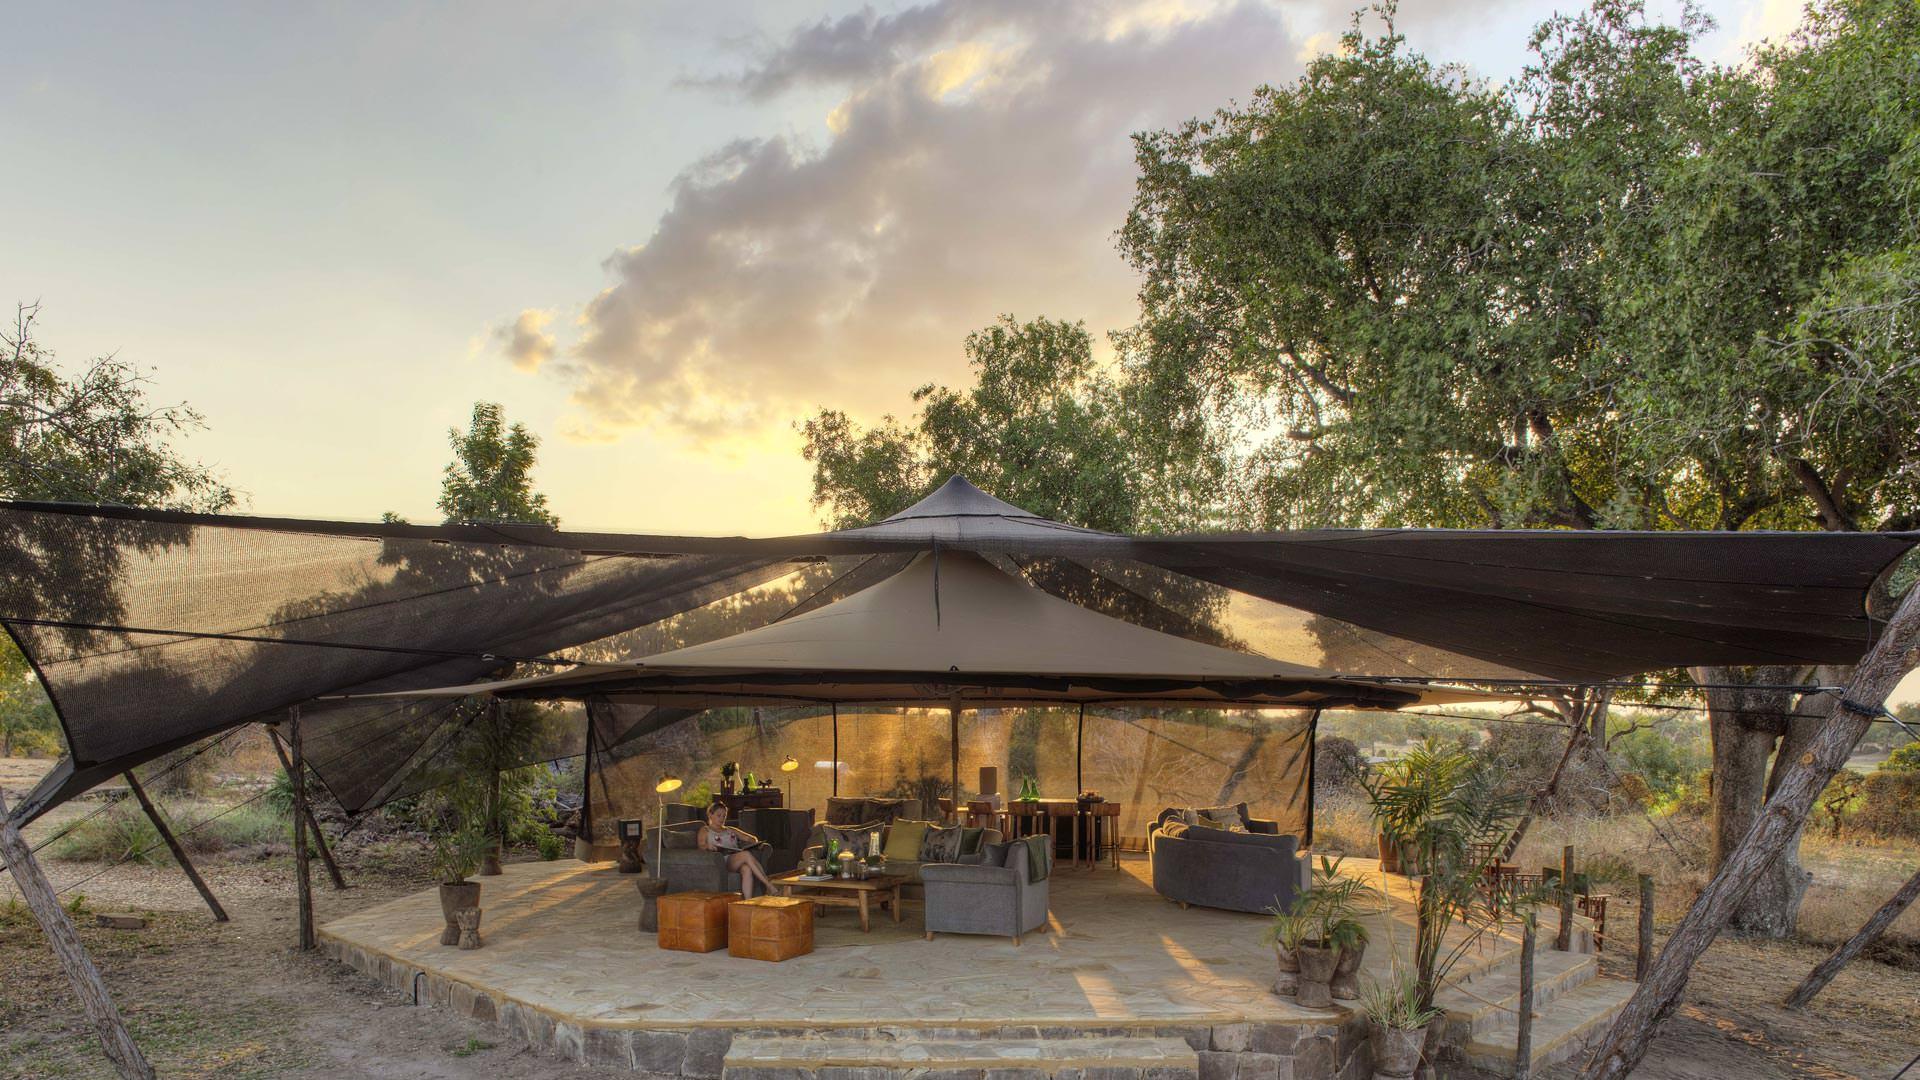 Roho ya Selous-The lounge and bar area